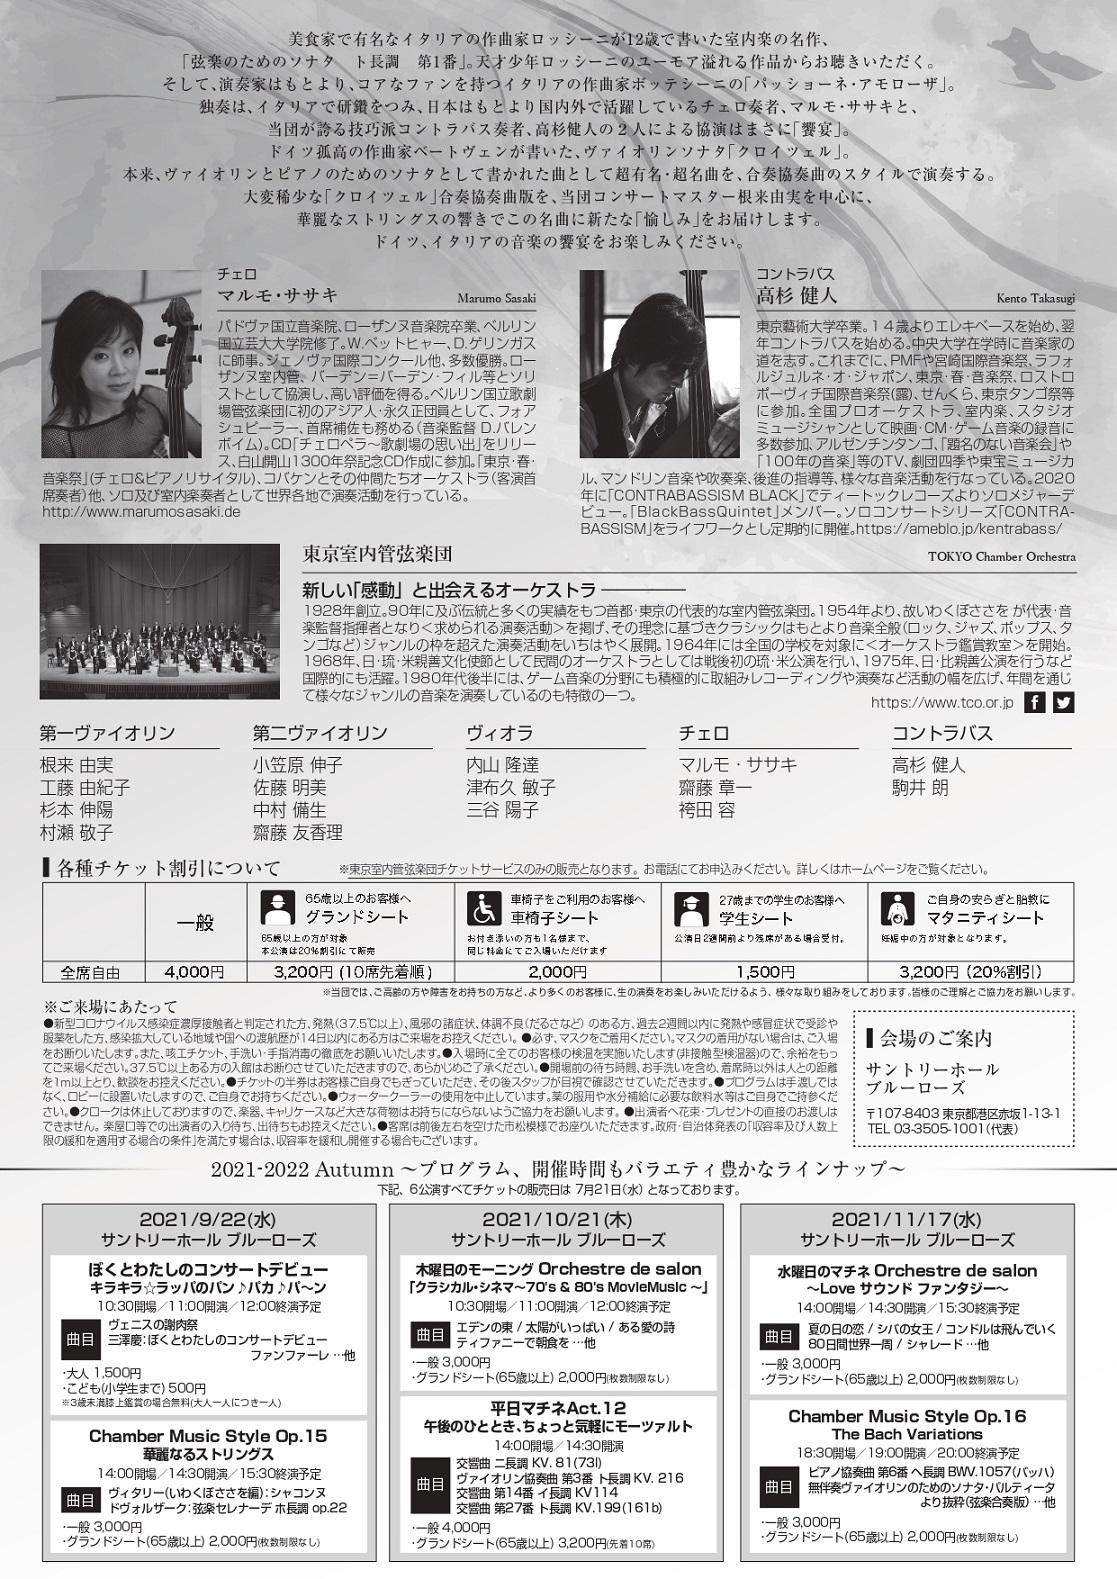 【令和3年度港区文化芸術サポート事業】東京室内管弦楽団「Chamber Music Style Op.14」が開催されます